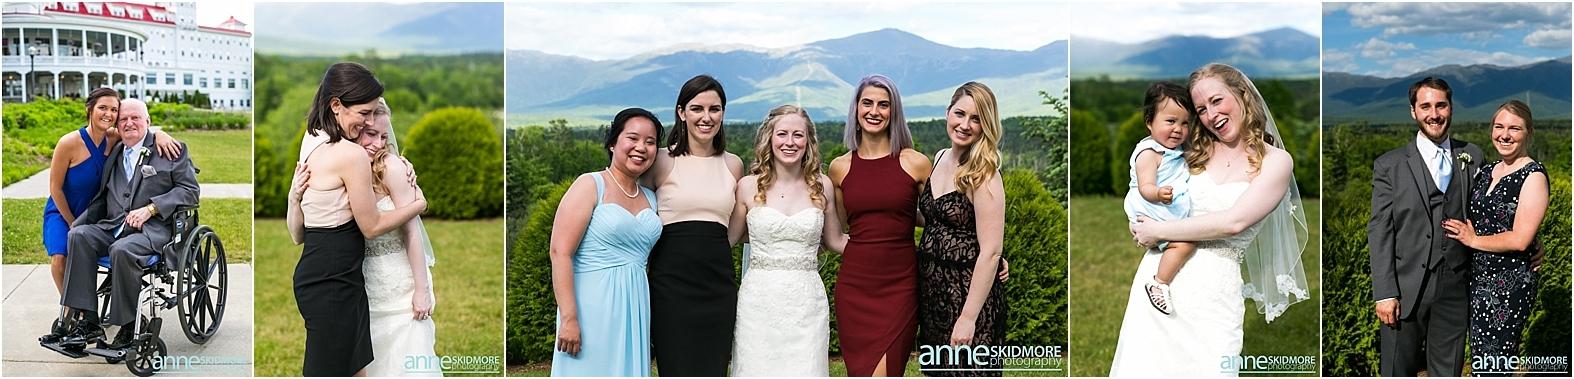 Mount_Washington_Hotel_Wedding_0038